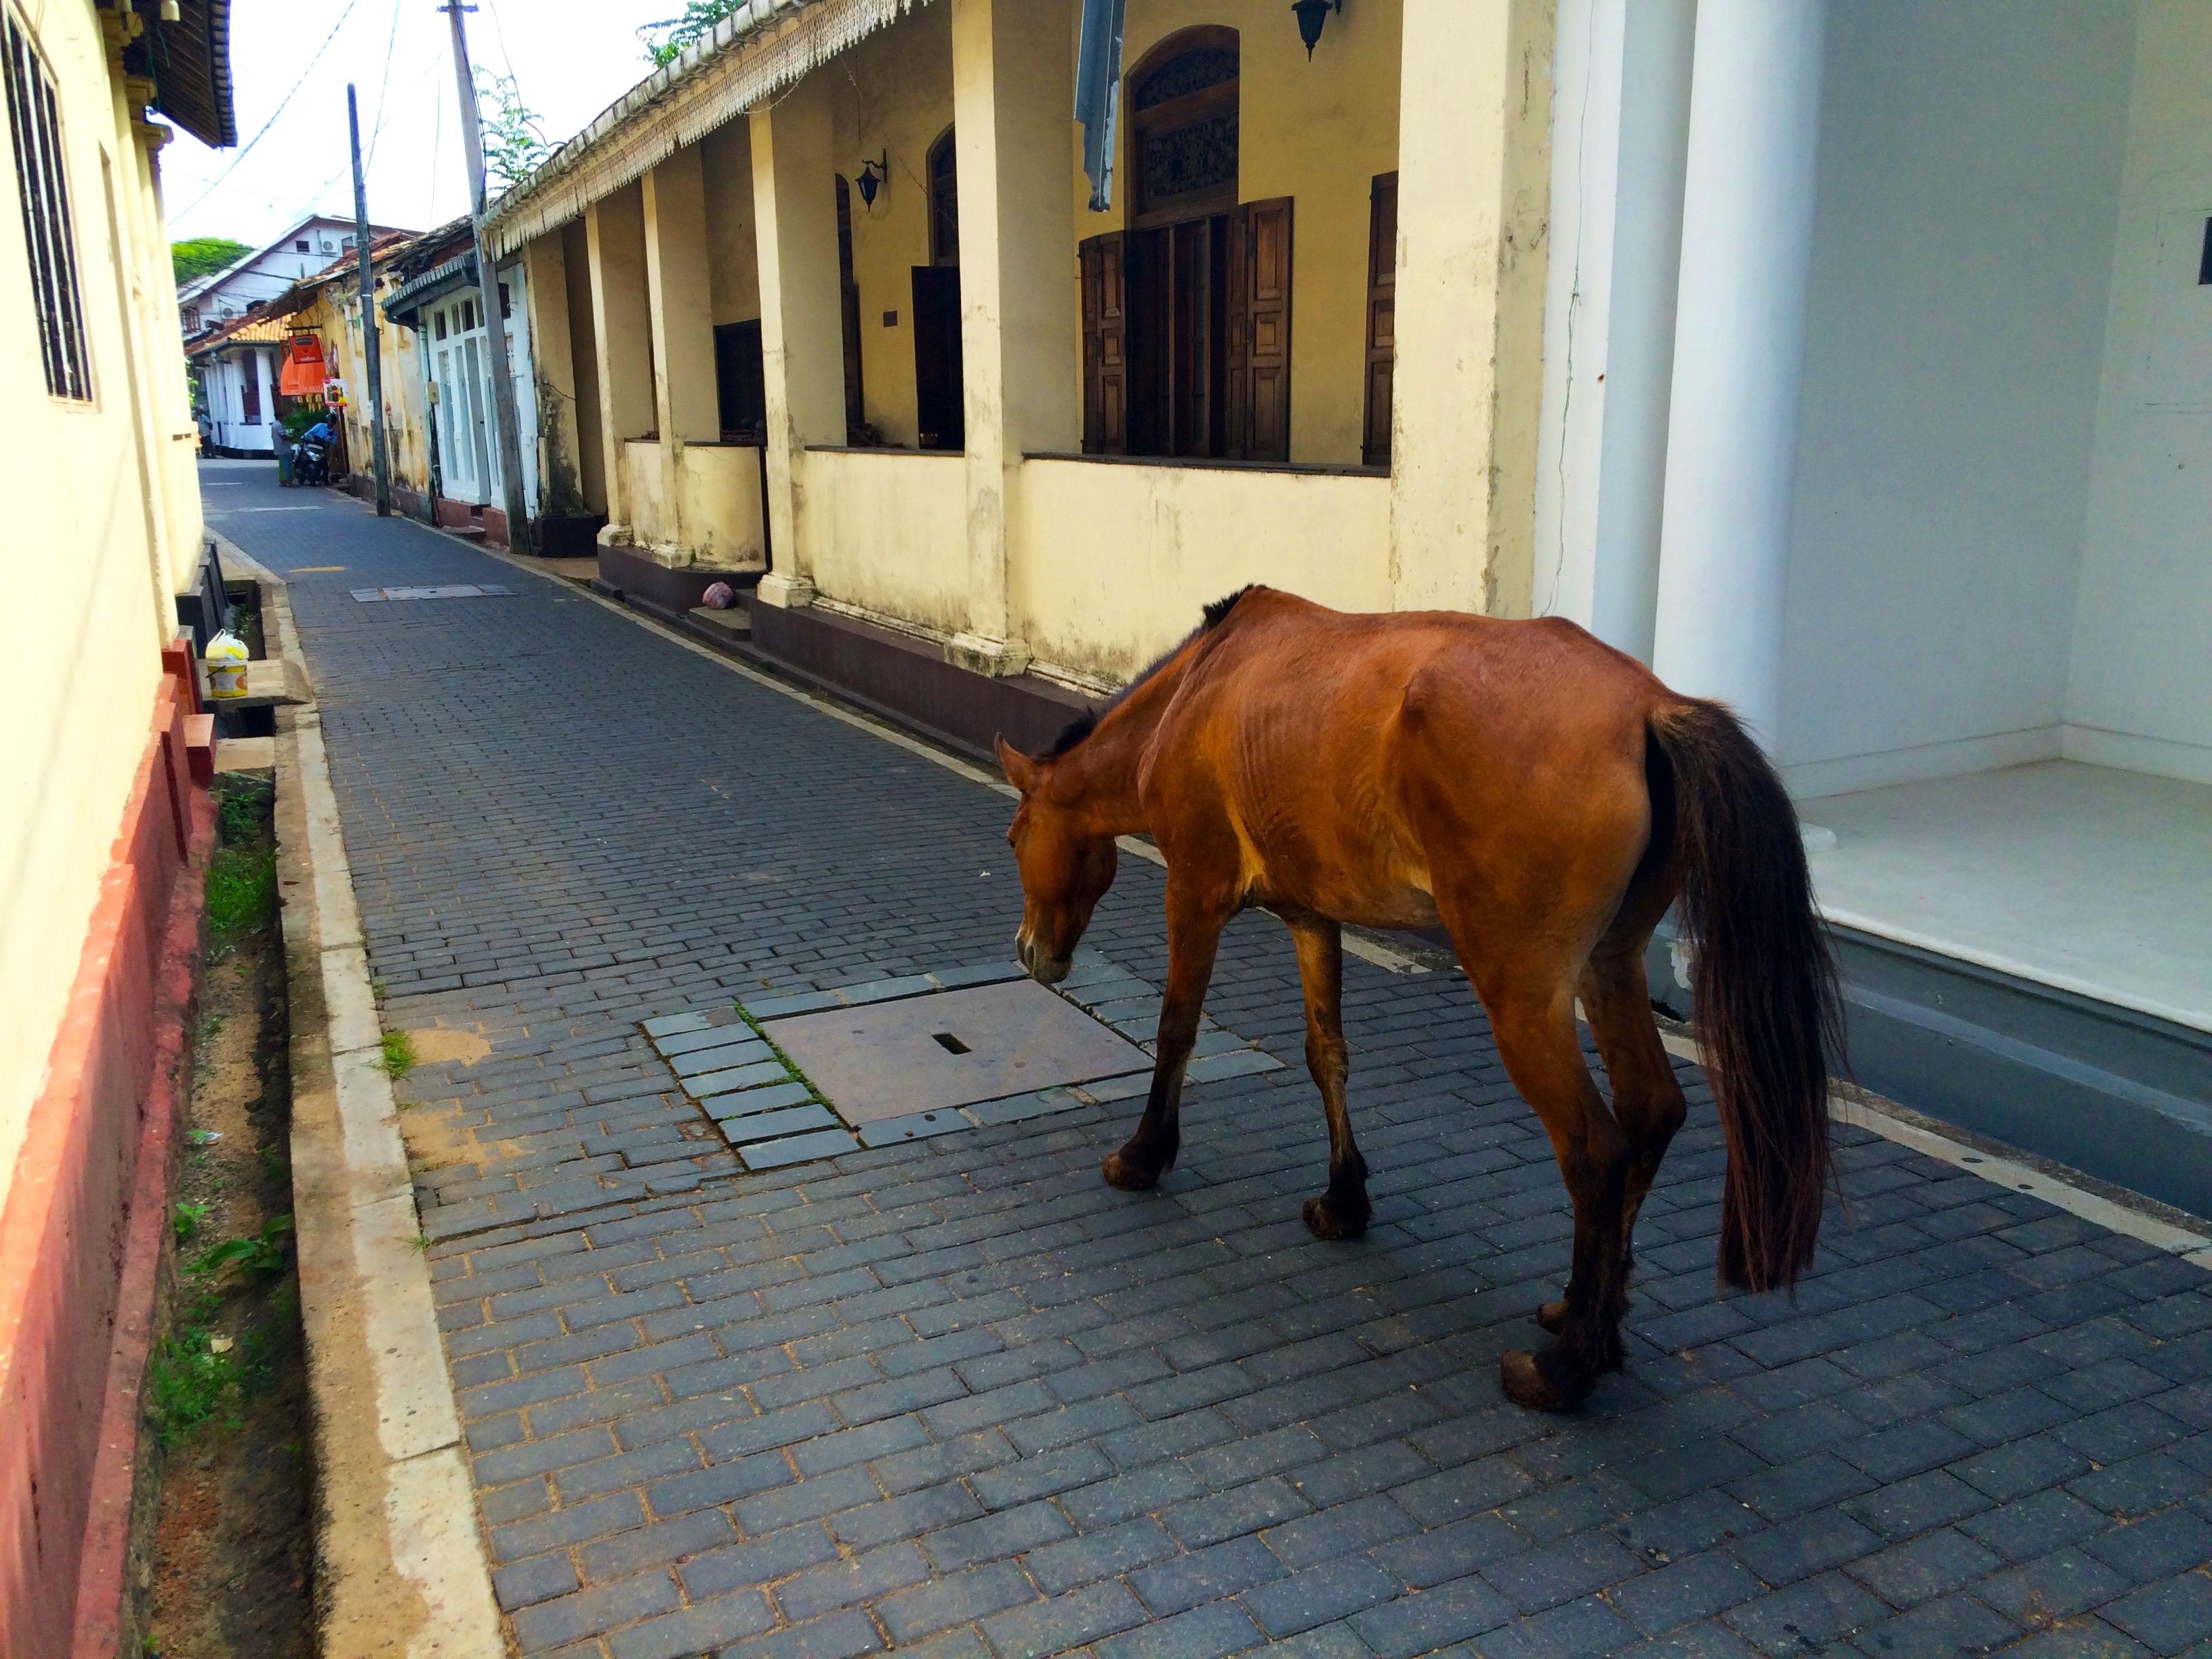 Un cheval au milieu de la route et ça n'inquiète personne